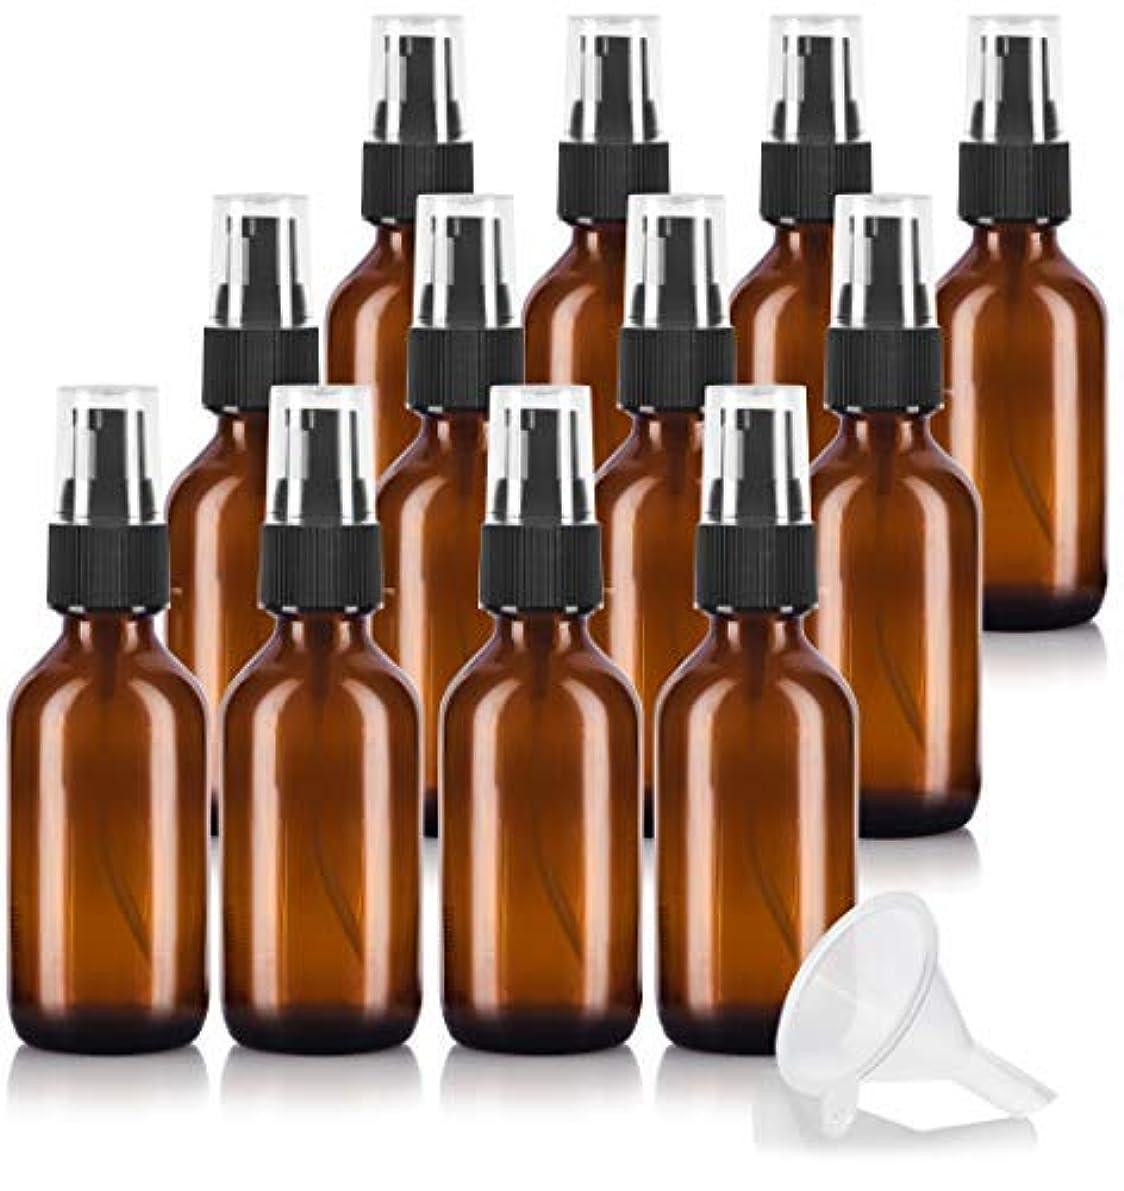 評価可能それによって飼い慣らす2 oz Amber Glass Boston Round Treatment Pump Bottle (12 pack) + Funnel and Labels for essential oils, aromatherapy...